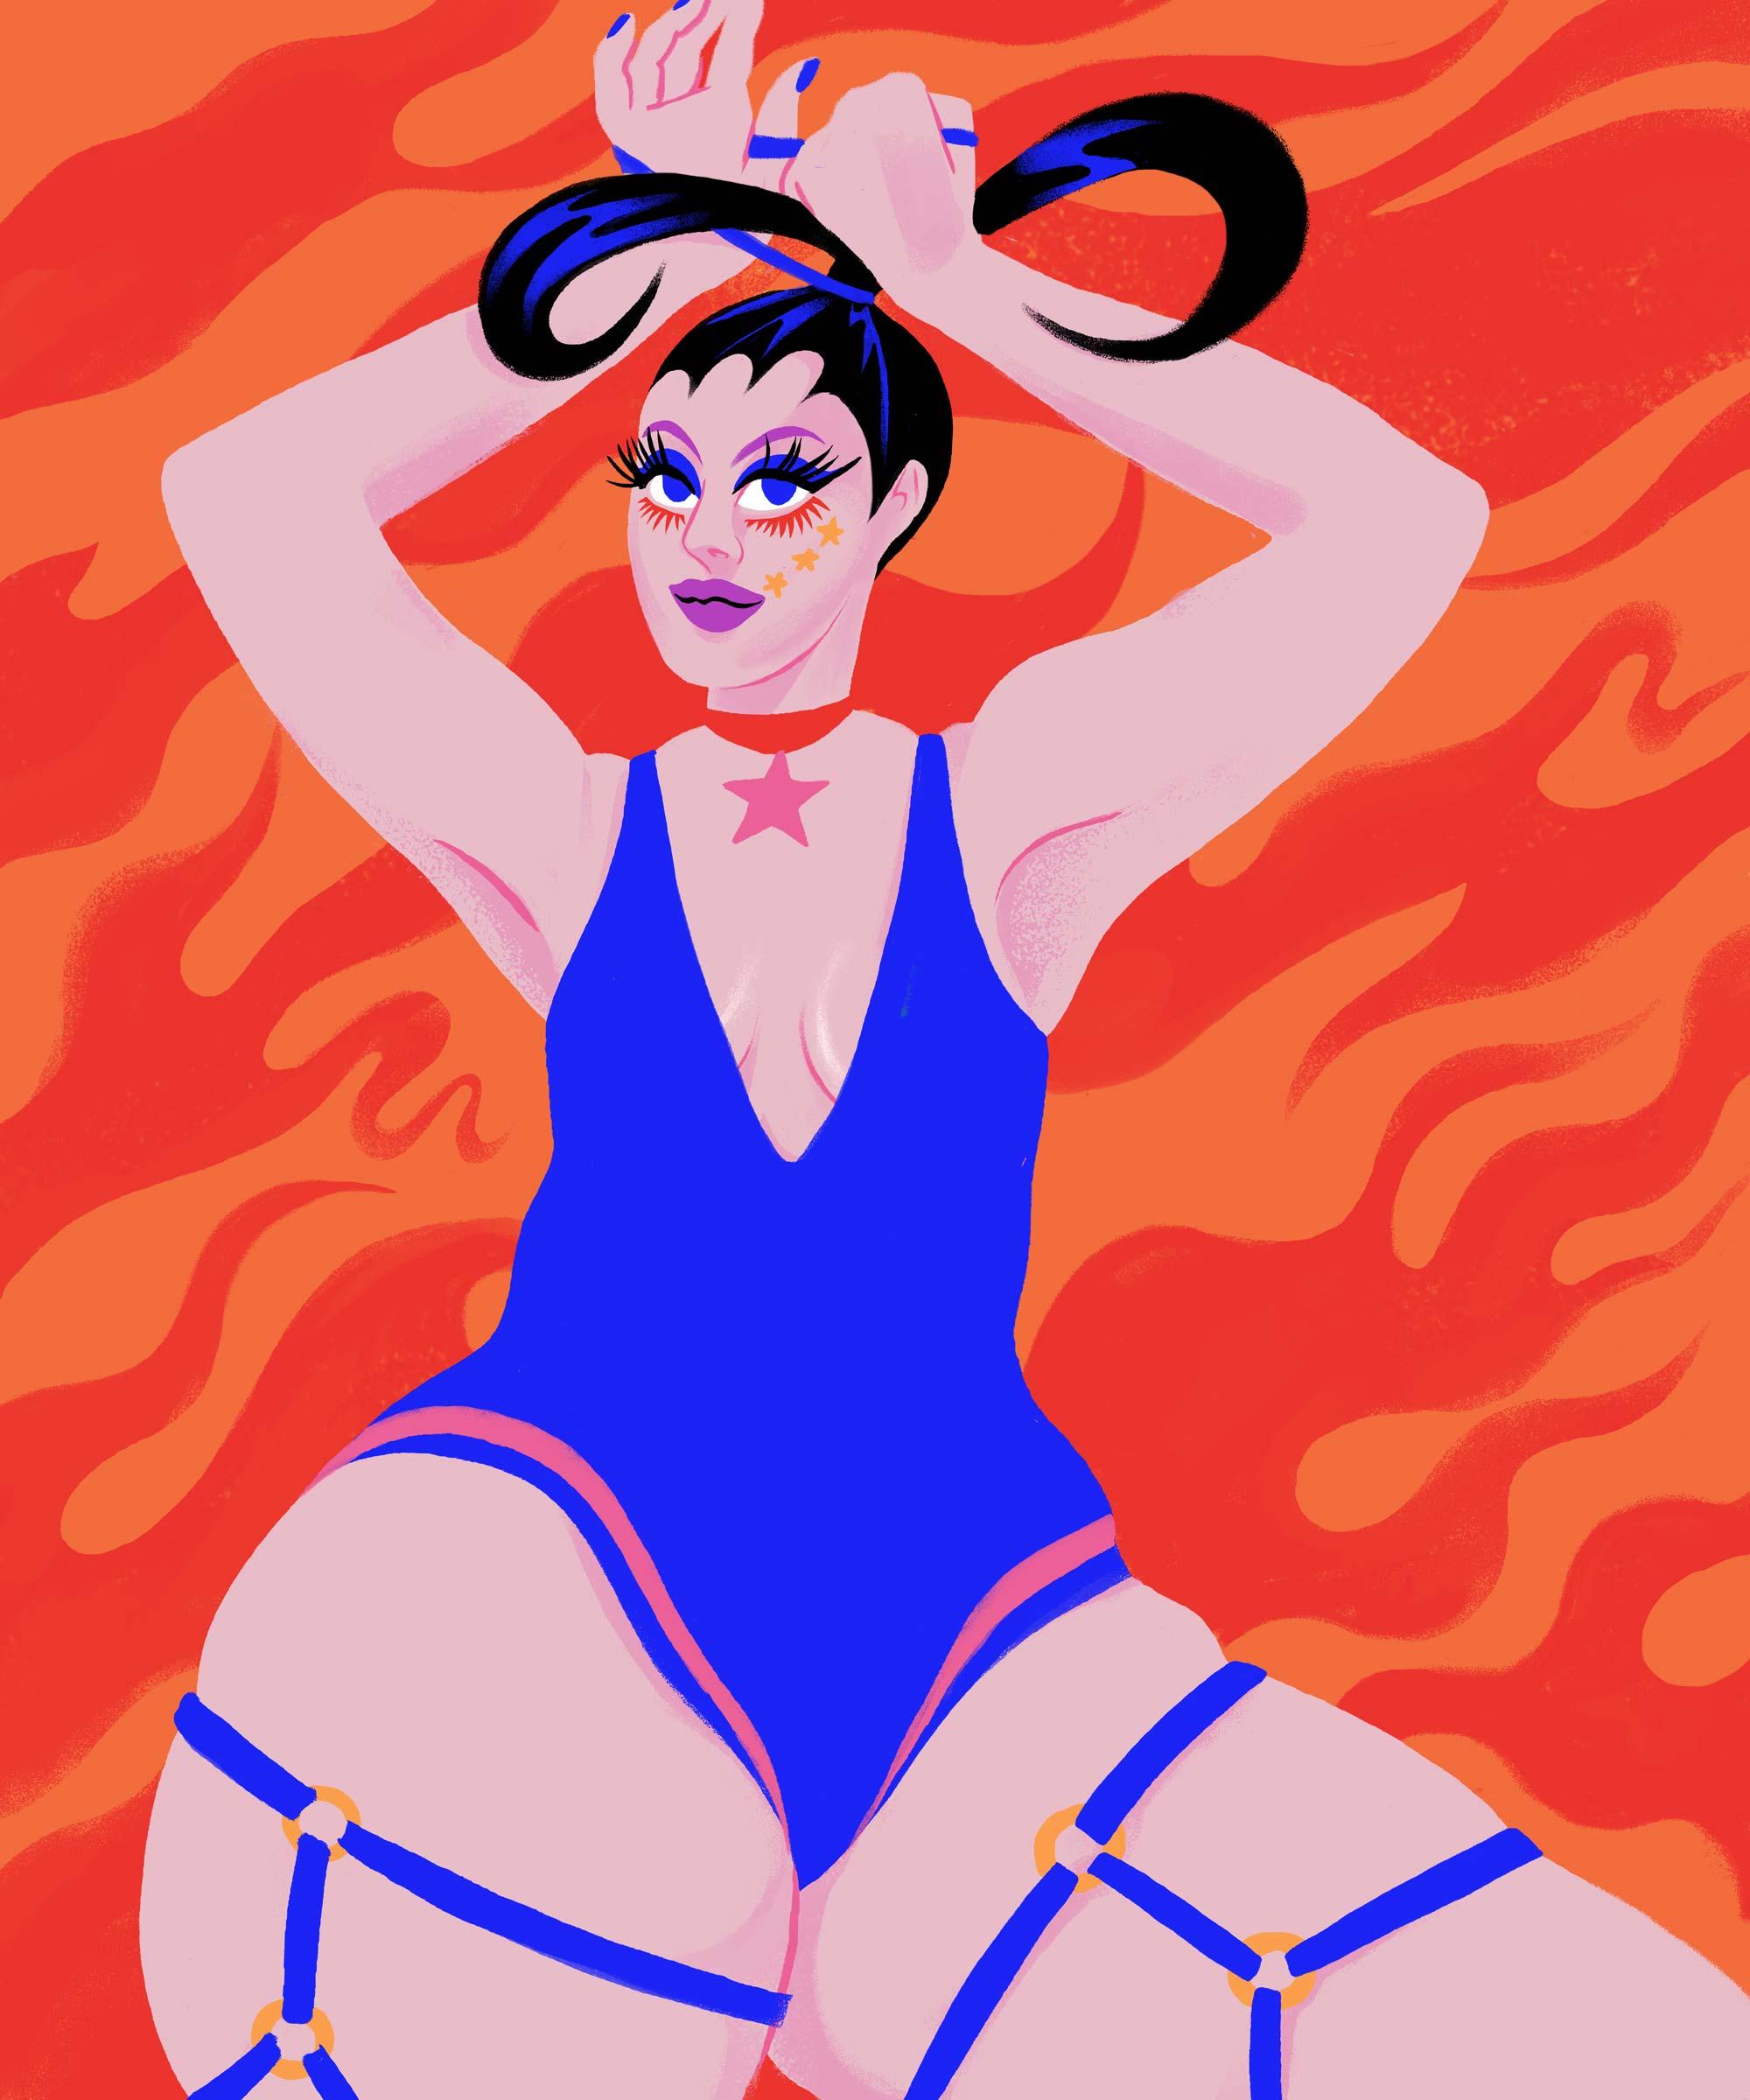 Dein Sexhoroskop für 2021: So stehen die Sterne in Sachen Erotik